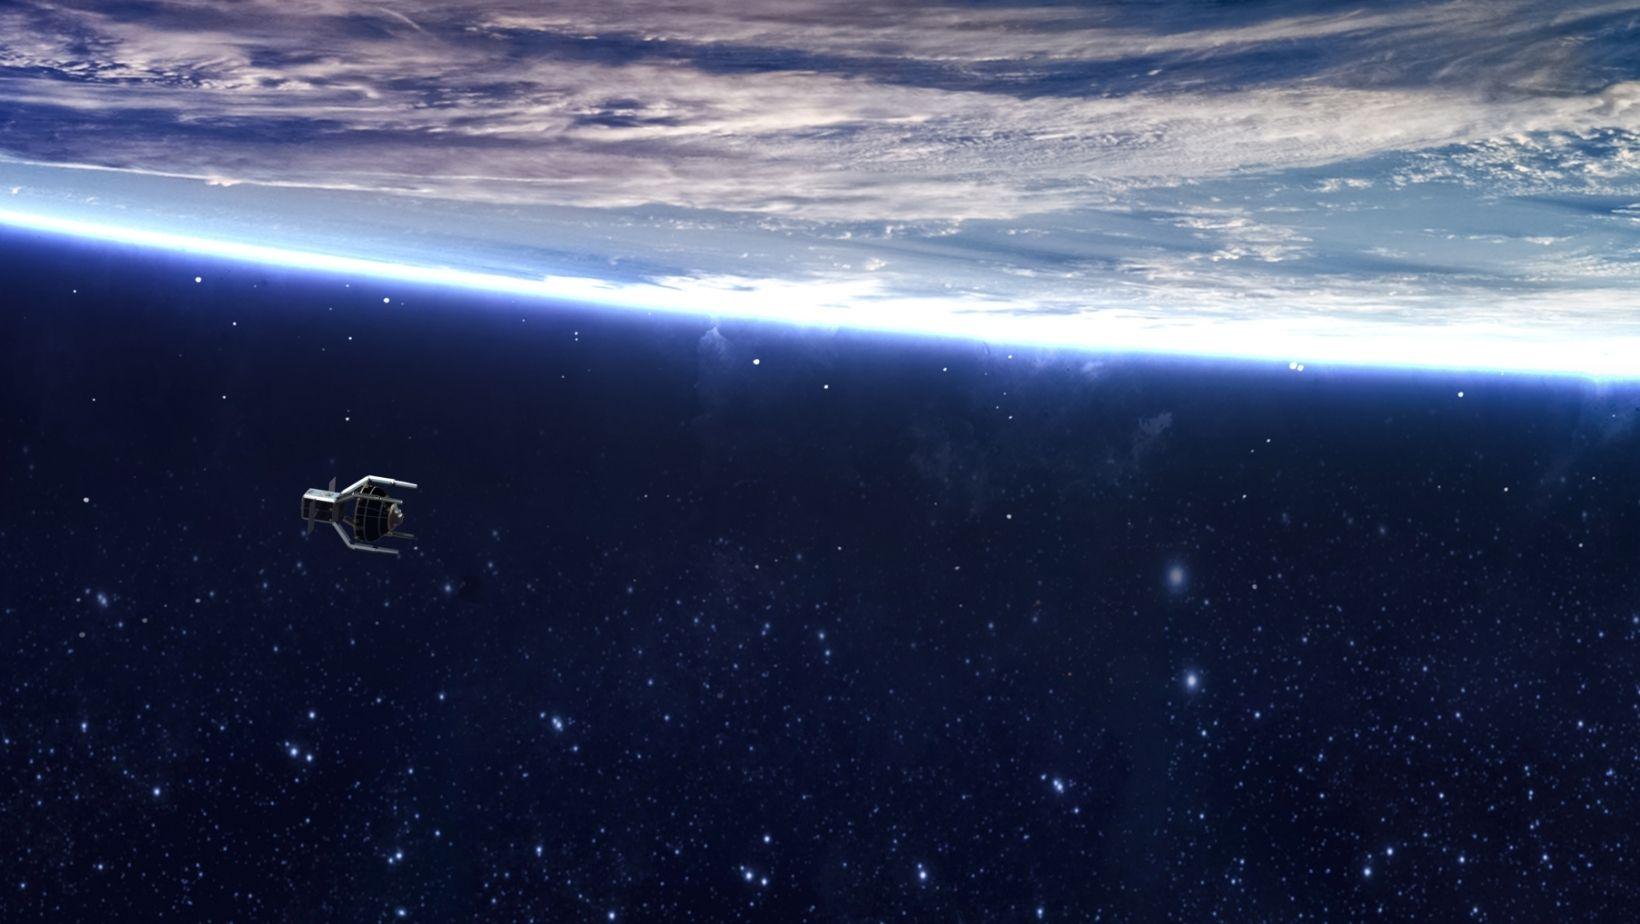 Visualización del ClearSpace-1 en el espacio